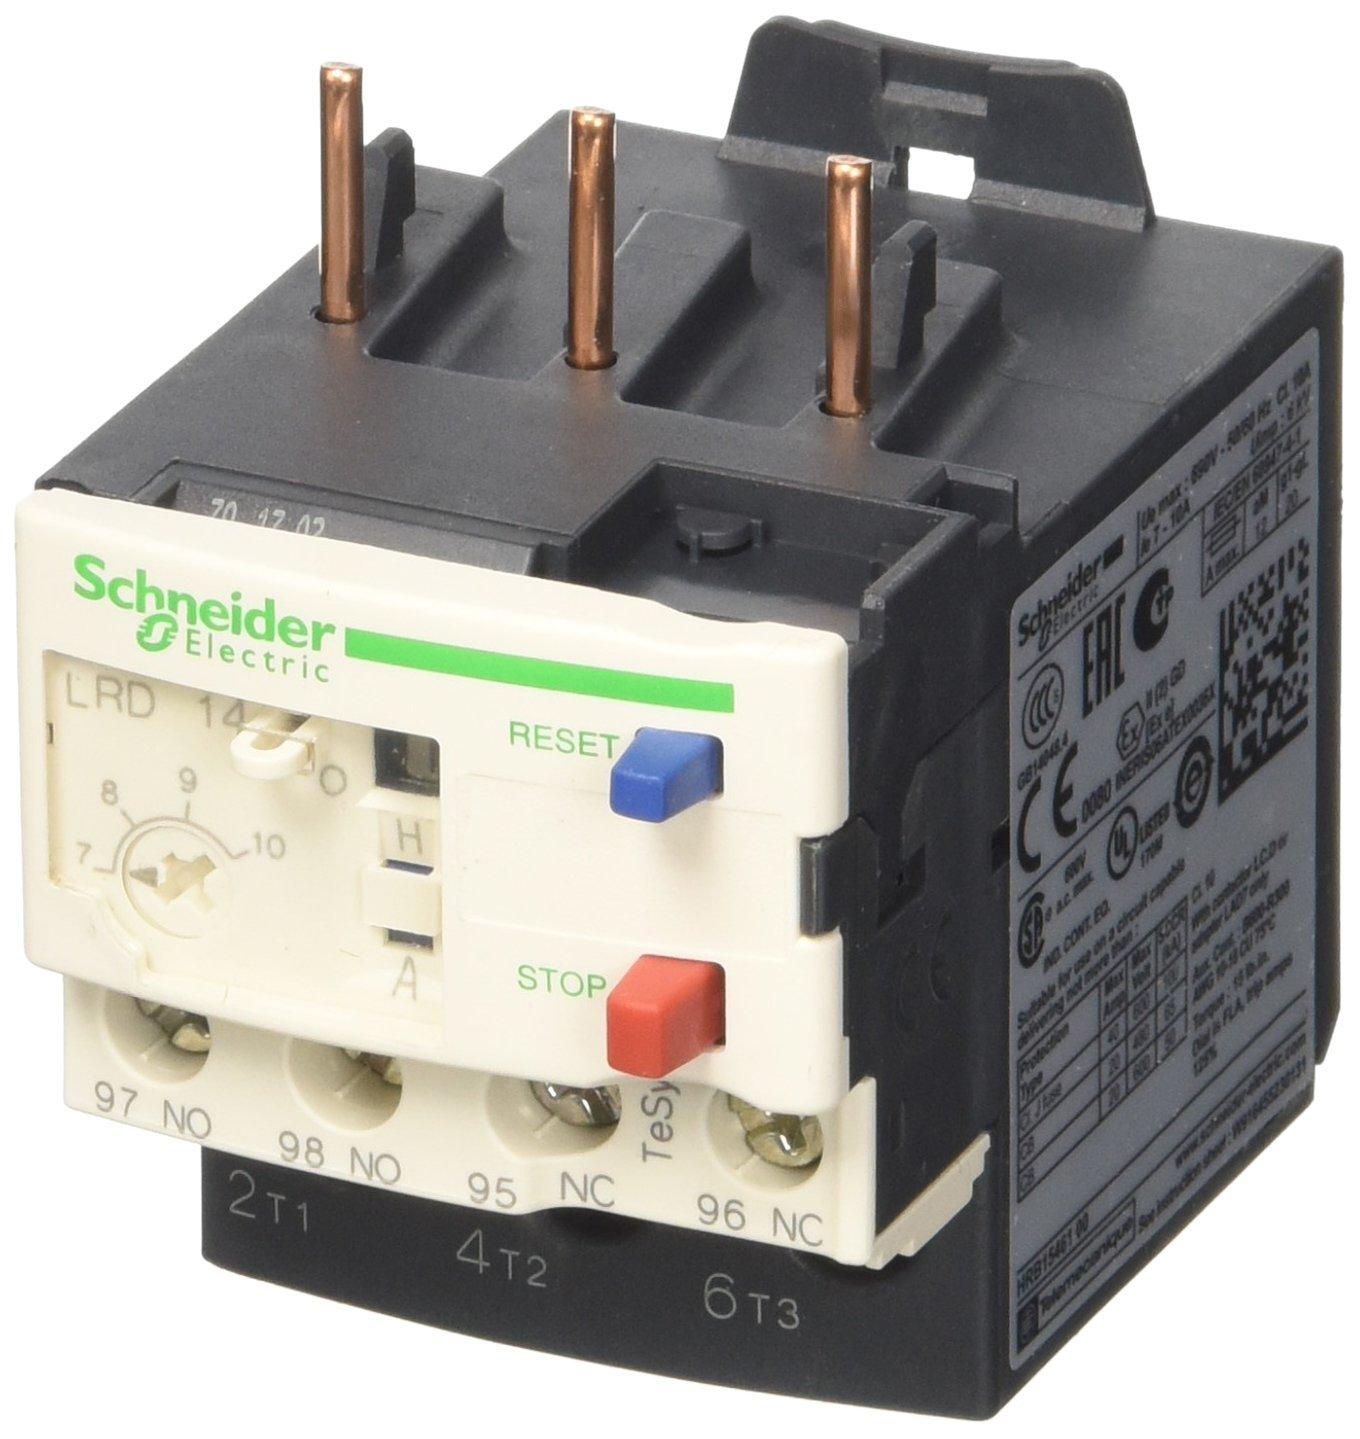 Schneider LRD14 Relè Termico 7-10A, Bianco - SCHNEIDER ELECTRIC LRD14